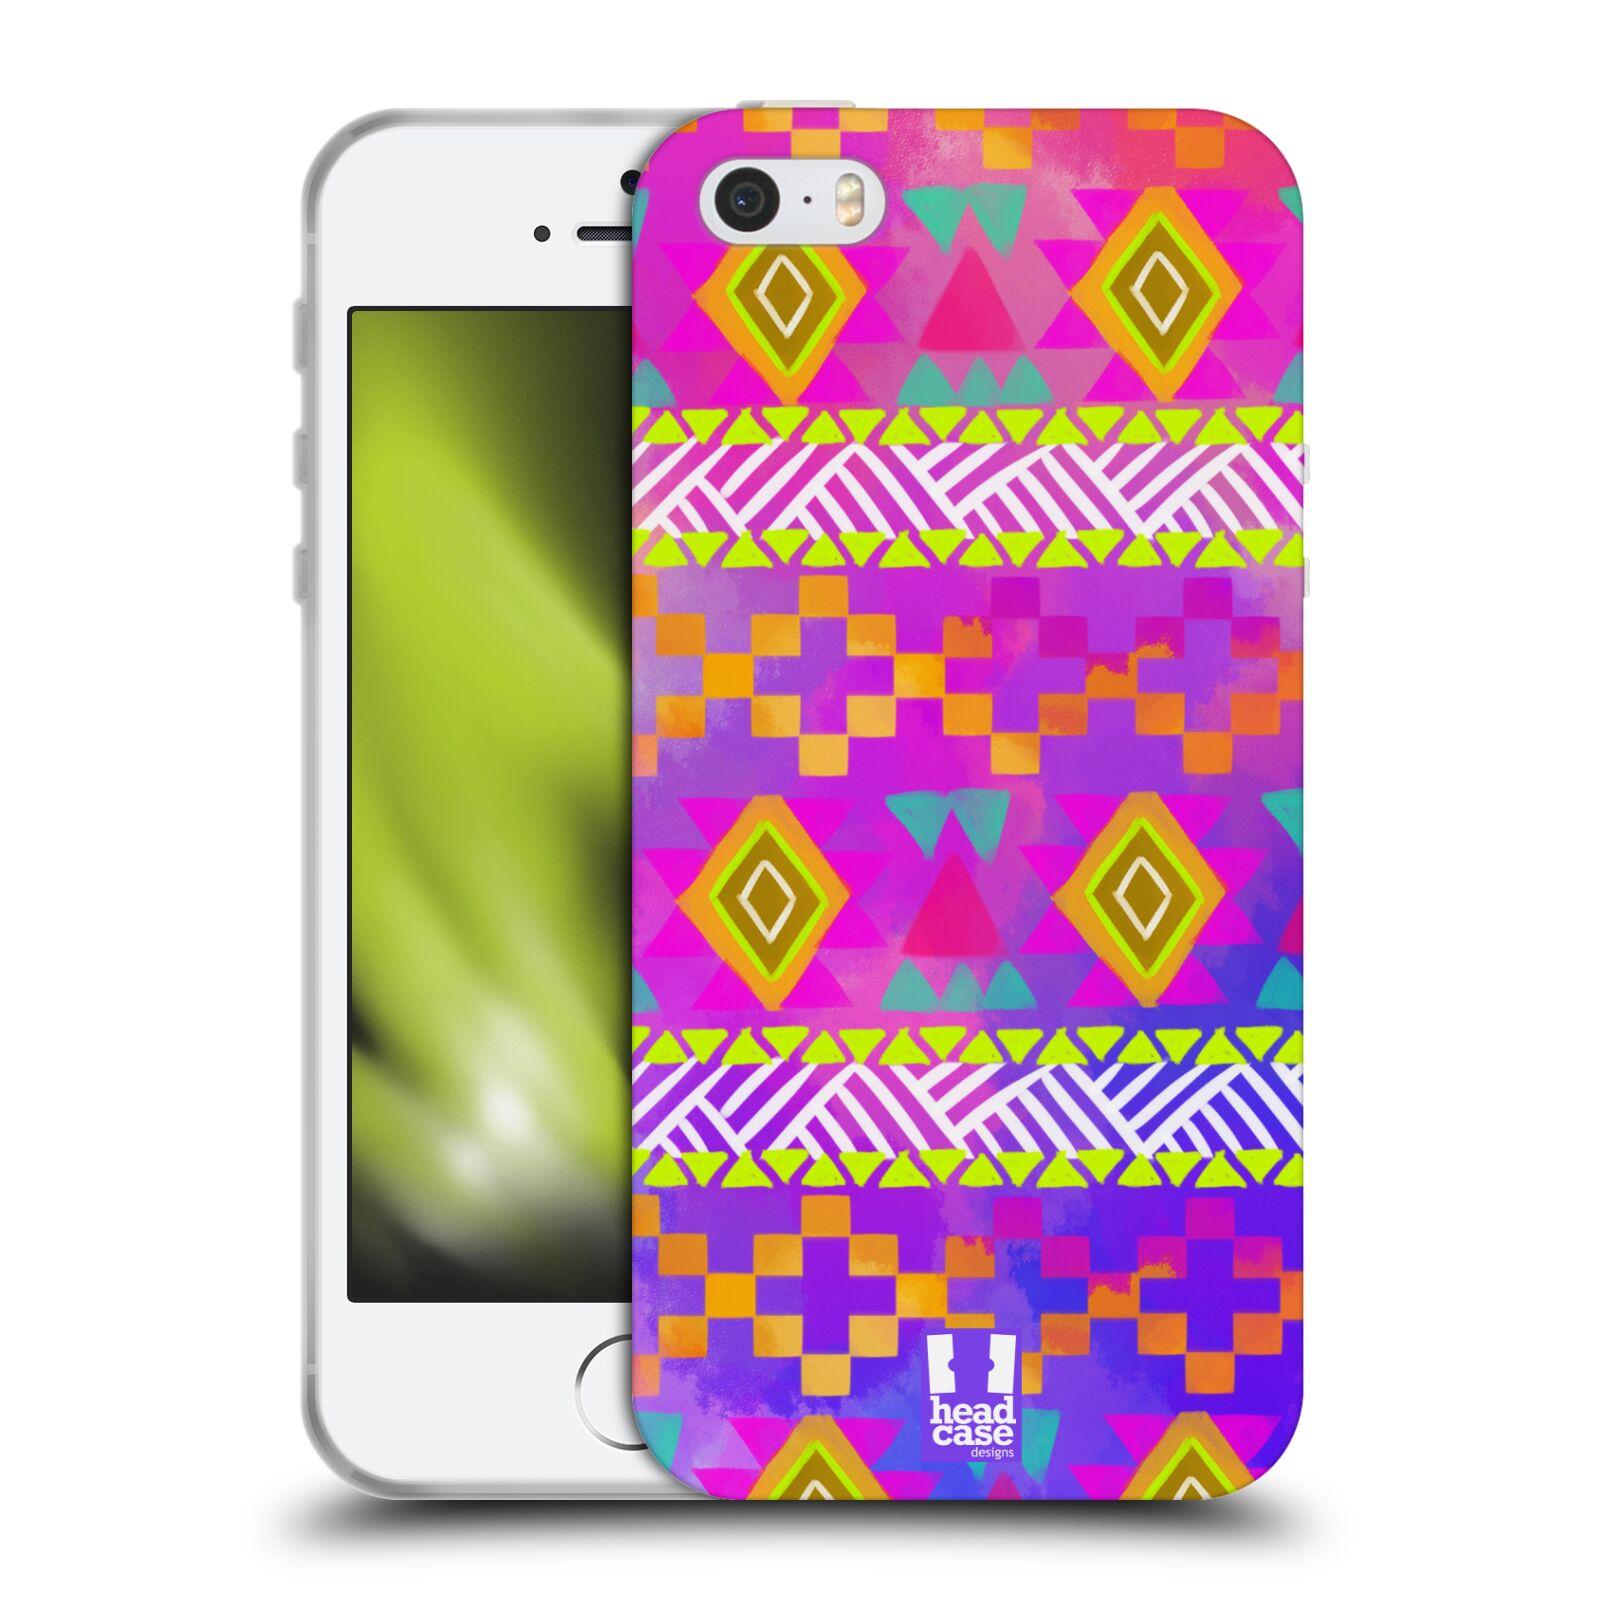 HEAD CASE silikonový obal na mobil Apple Iphone 5/5S vzor CIK CAK barevné znaky fuchsie